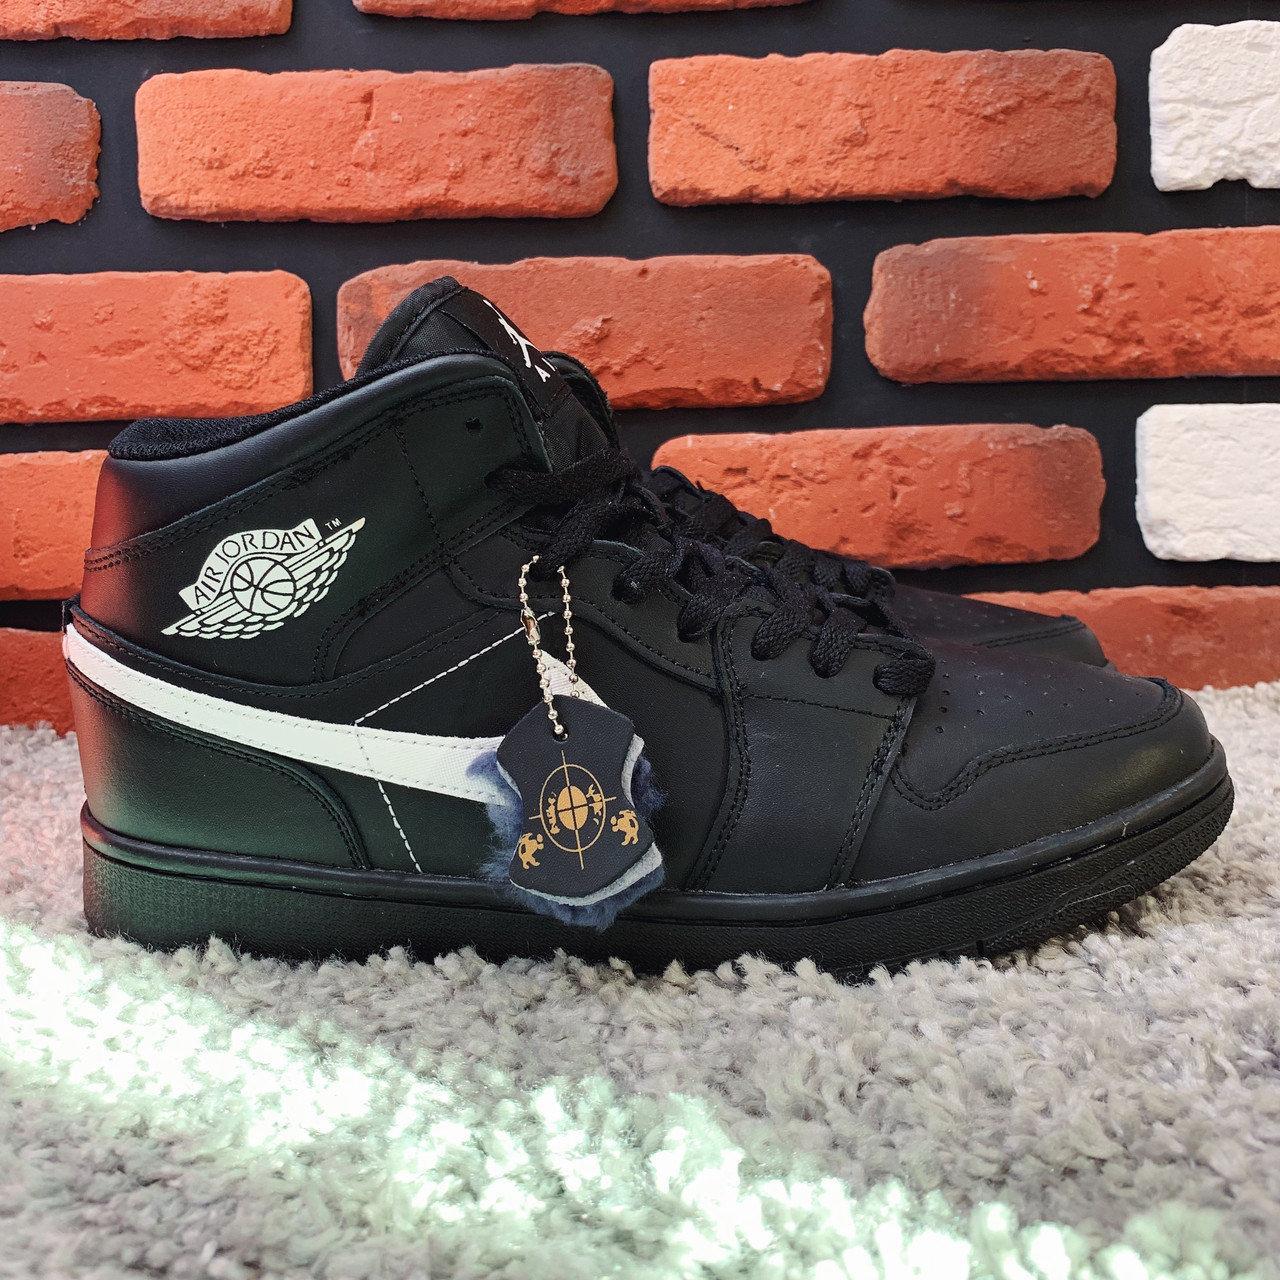 Кеды на меху кожа премиум Найк аир Джордан мужские черные зима (реплика) Nike Air Jordan Black